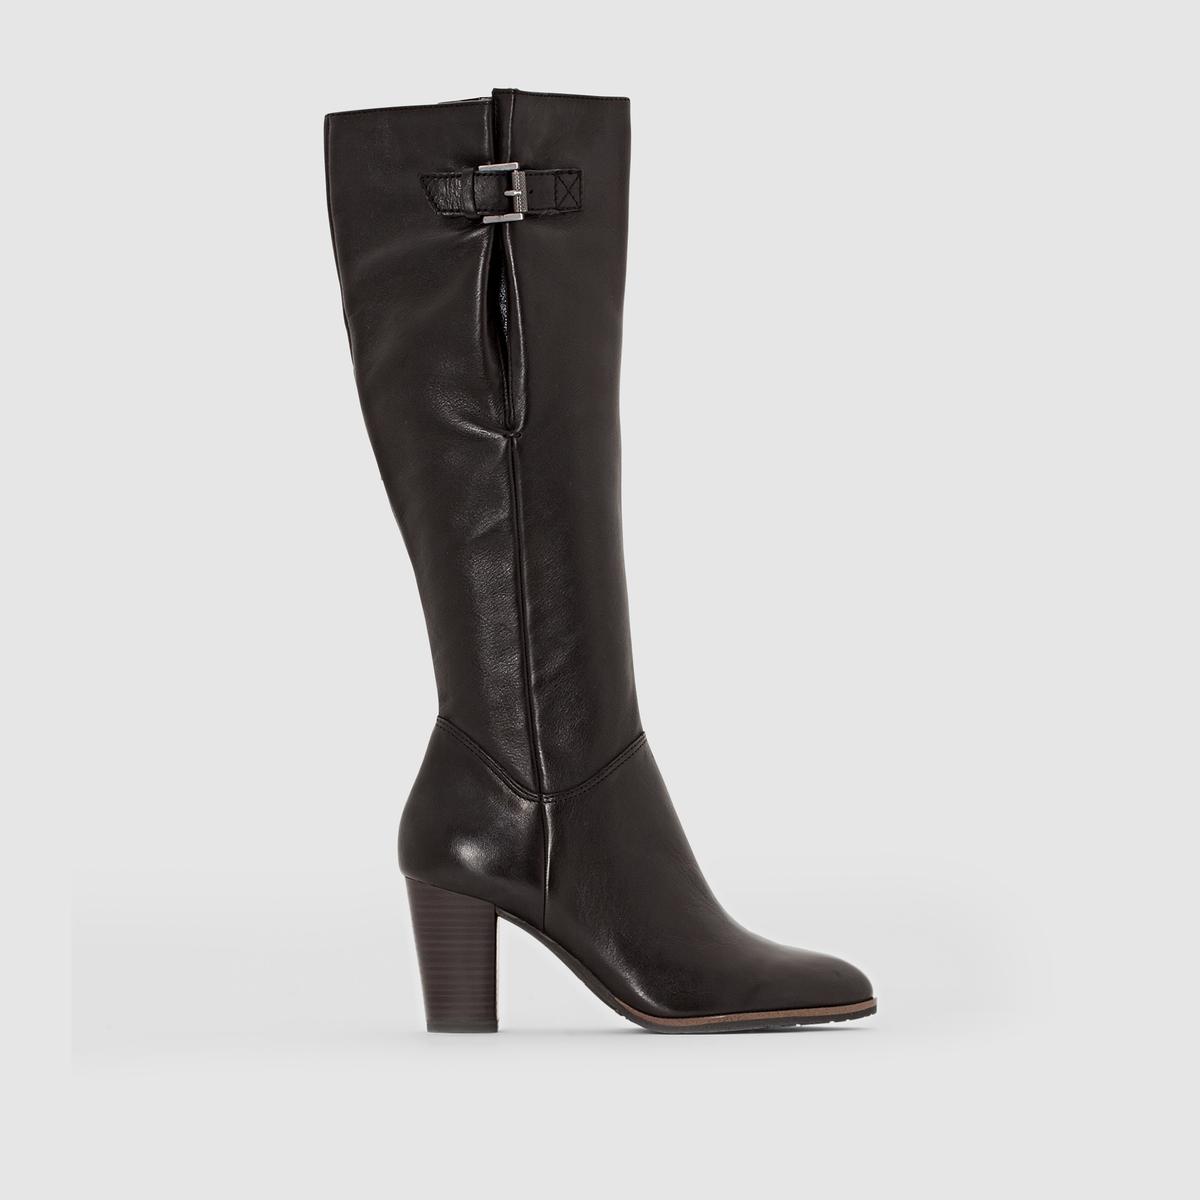 Сапоги из кожиПодкладка : текстиль и синтетика   Стелька : Текстиль   Подошва : Синтетический материал   Высота каблука : 7,5 см   Форма каблука : высокий.   Мысок : Закругленный   Застежка : На молнию<br><br>Цвет: черный<br>Размер: 41